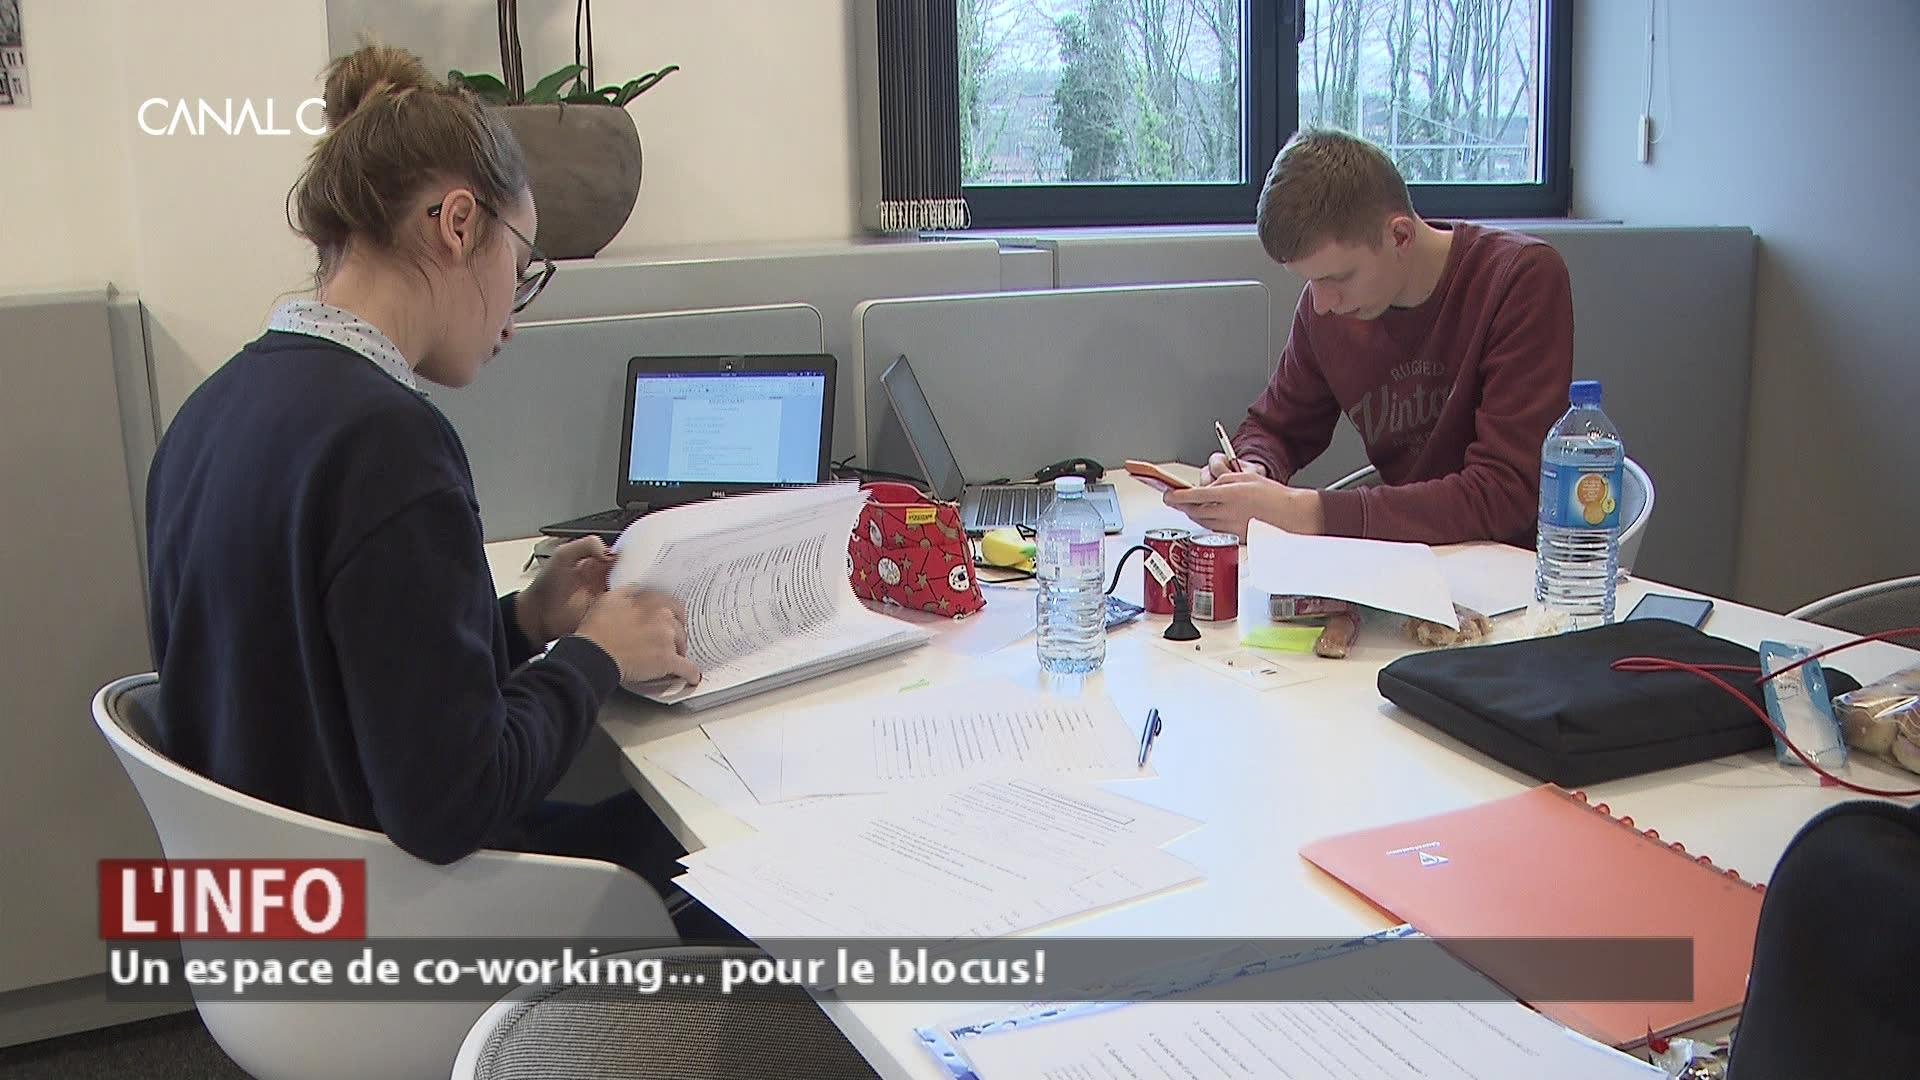 Blocus: le Centre de co-working REGUS accueille les étudiants